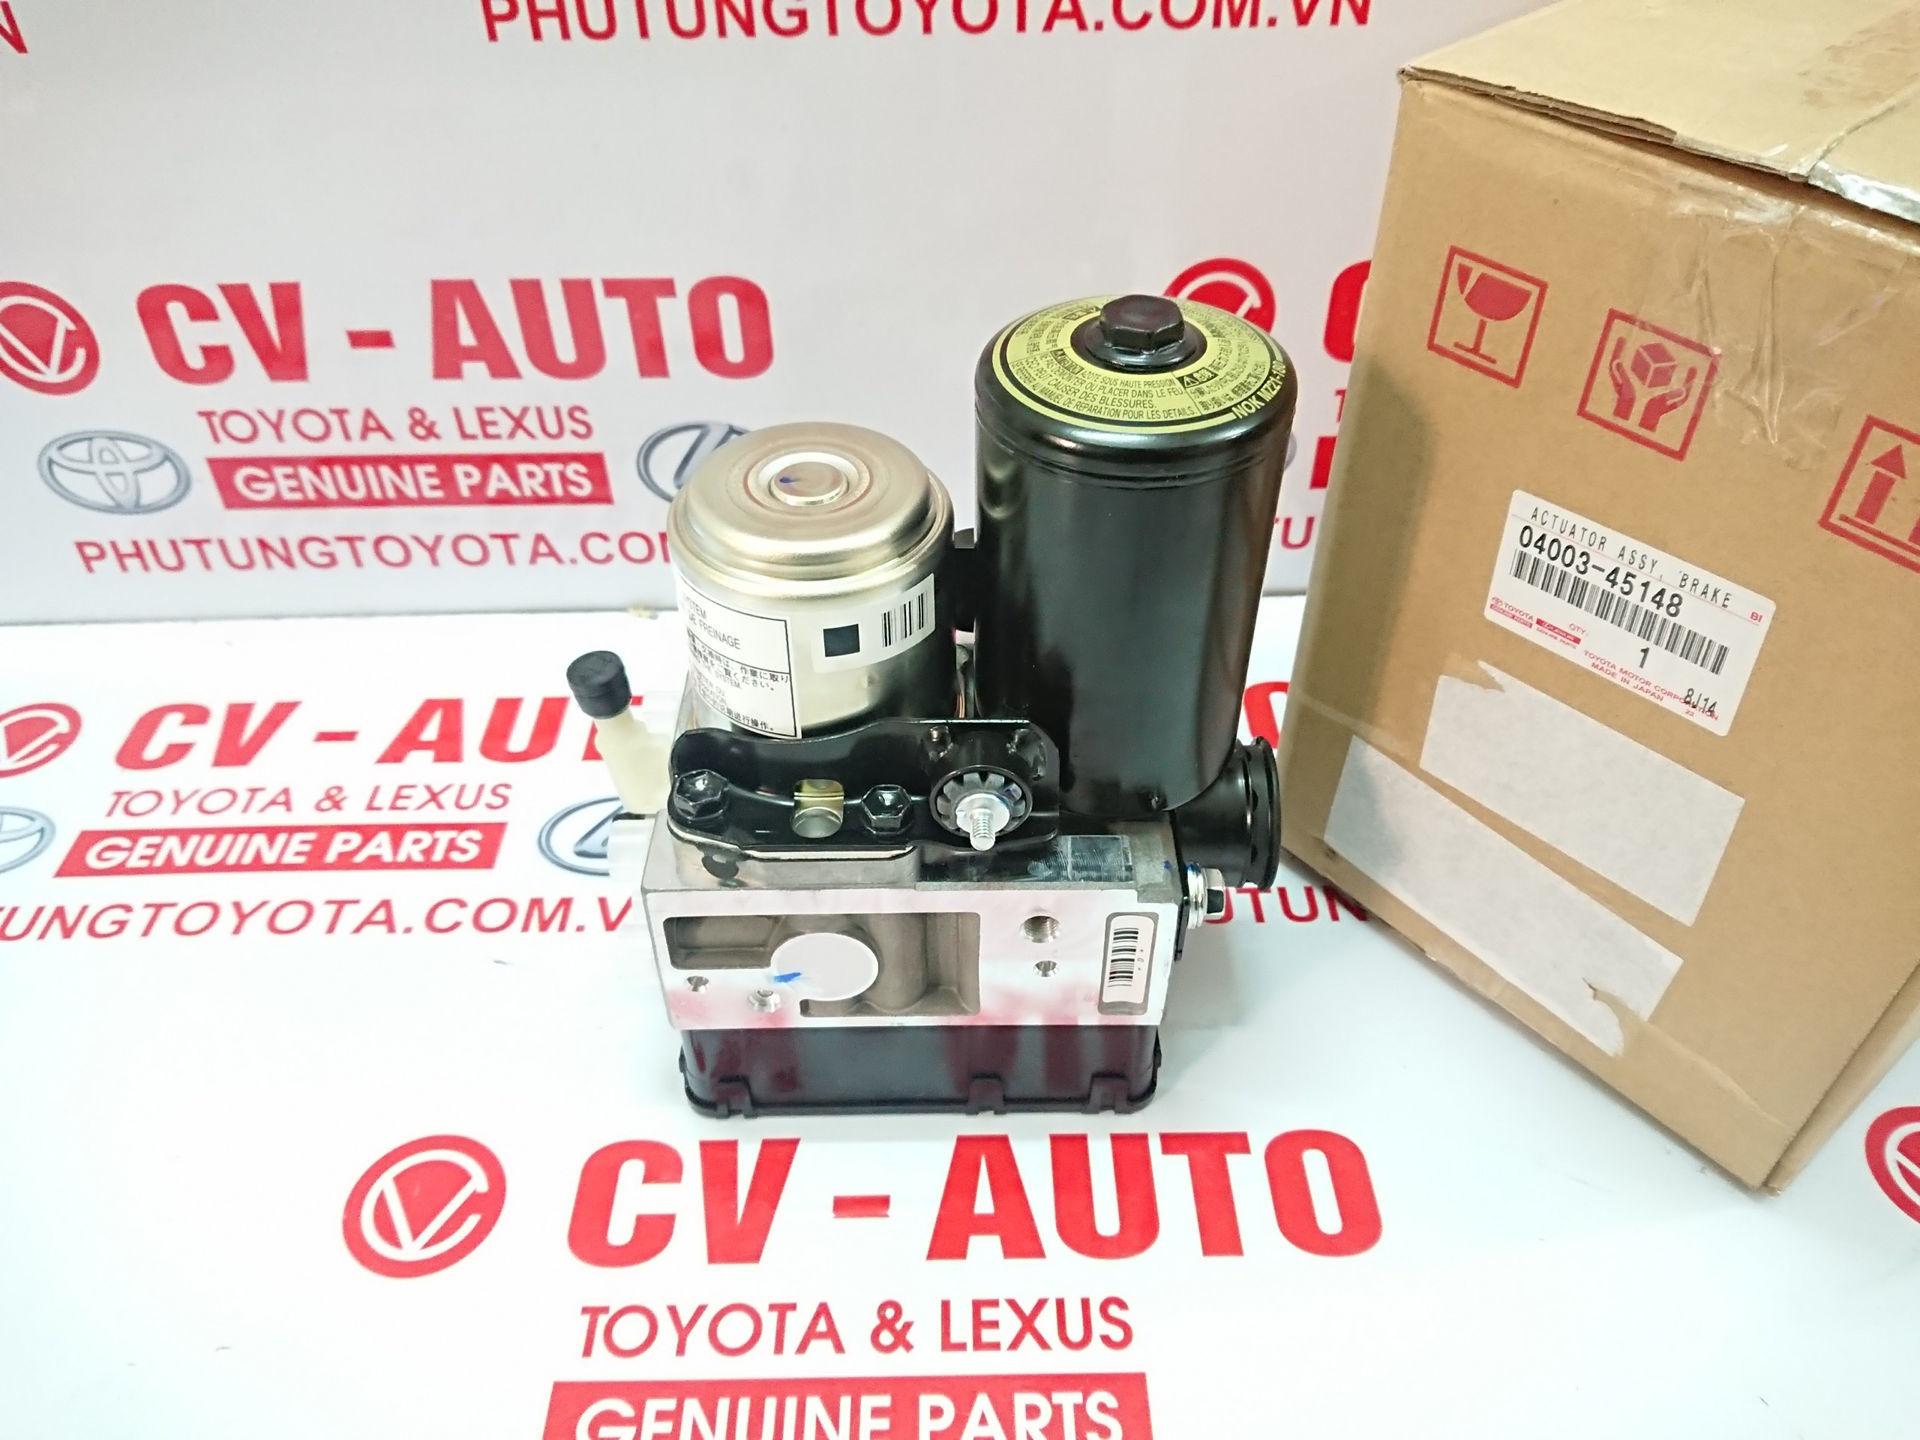 Picture of 44050-48191 44050-48190 Bộ chấp hành ABS, Bơm ABS Lexus RX400H chính hãng